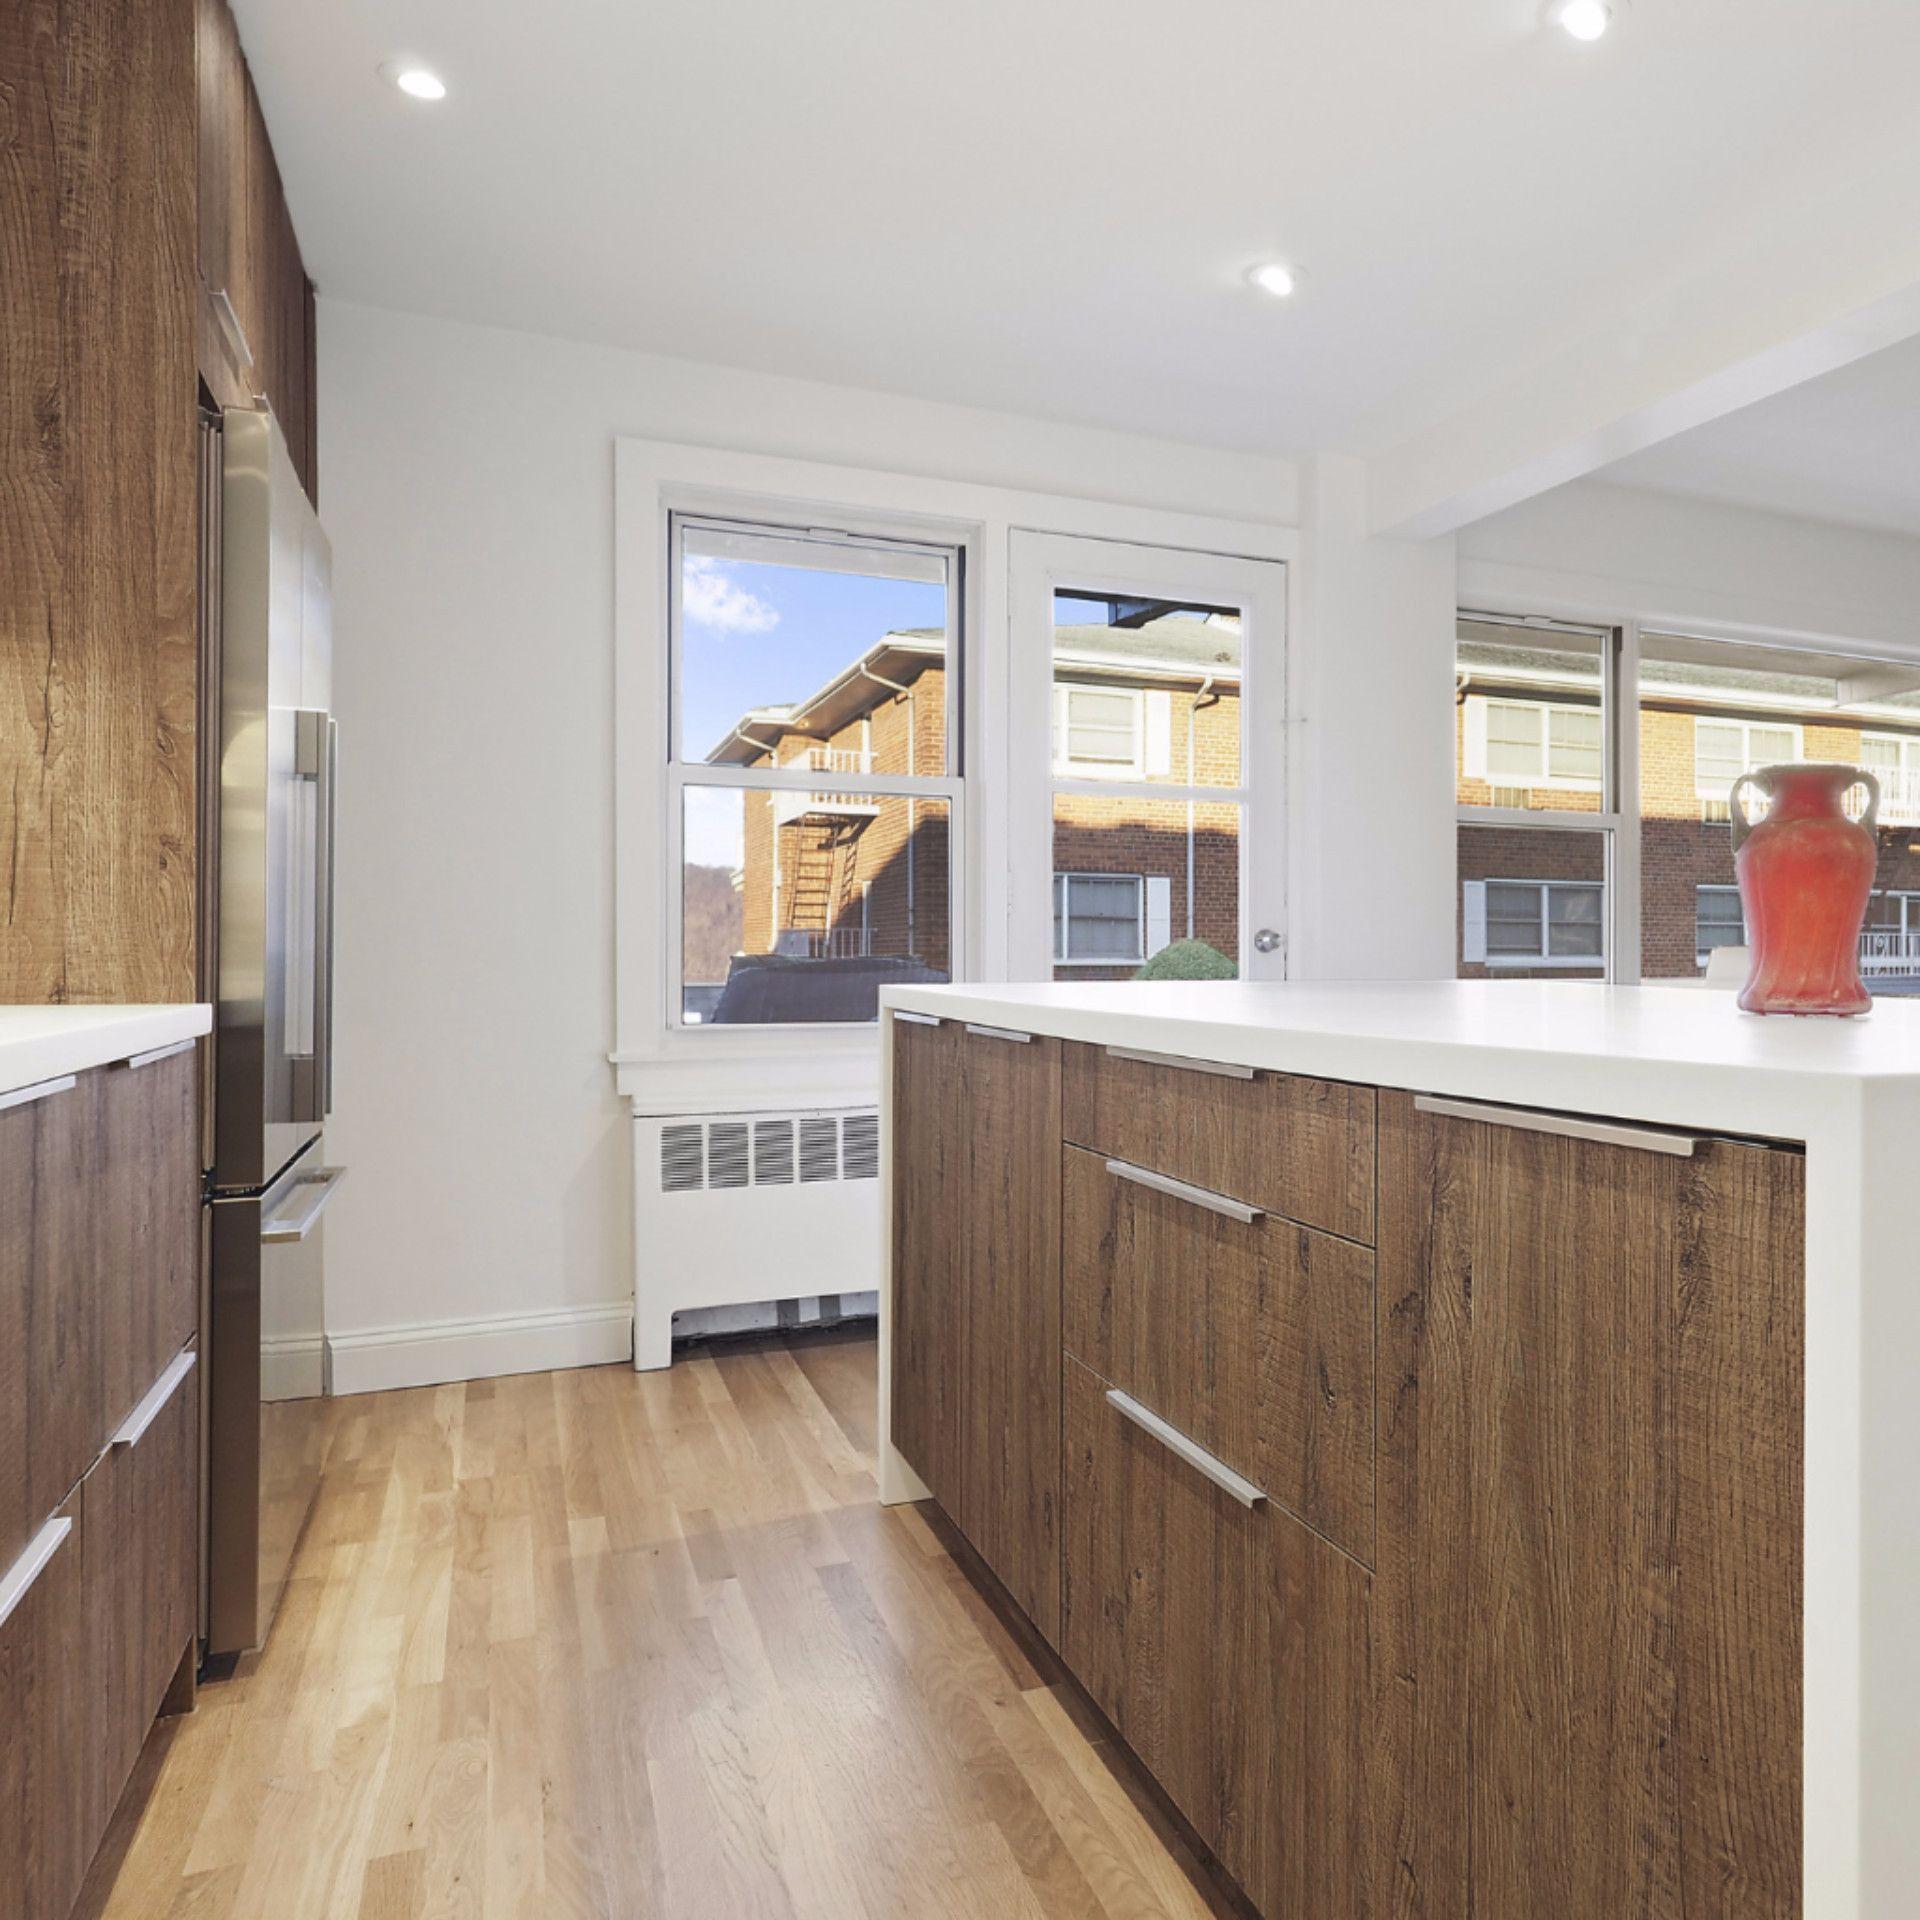 Akurum Kitchens | Ikea cabinets, Ikea kitchen cabinets ...